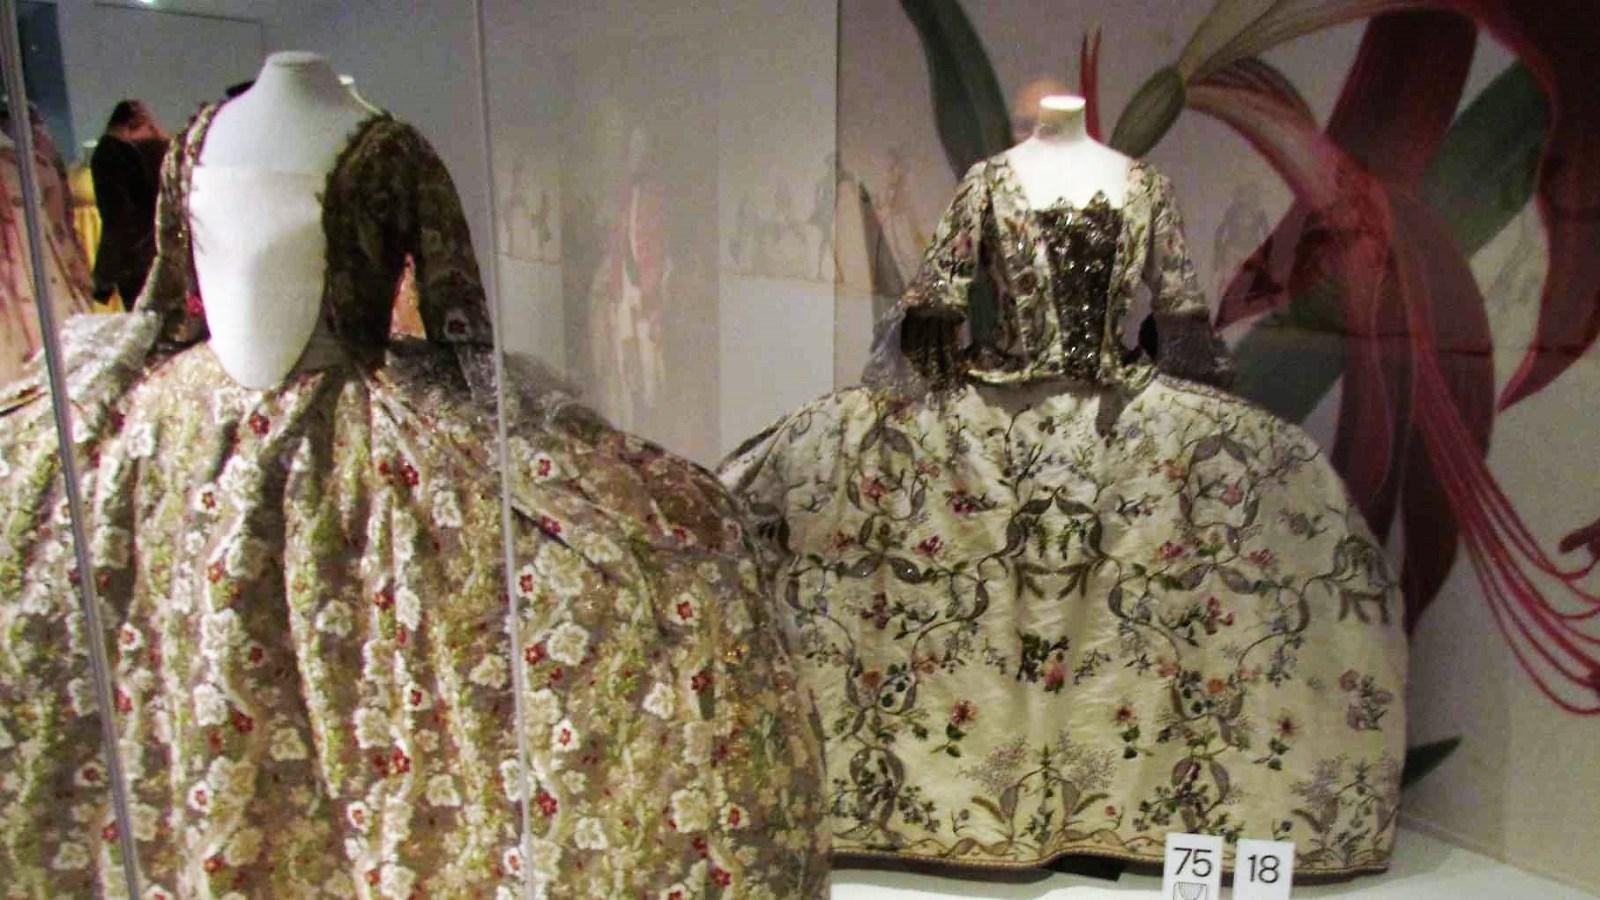 Regency Clothing: Bath